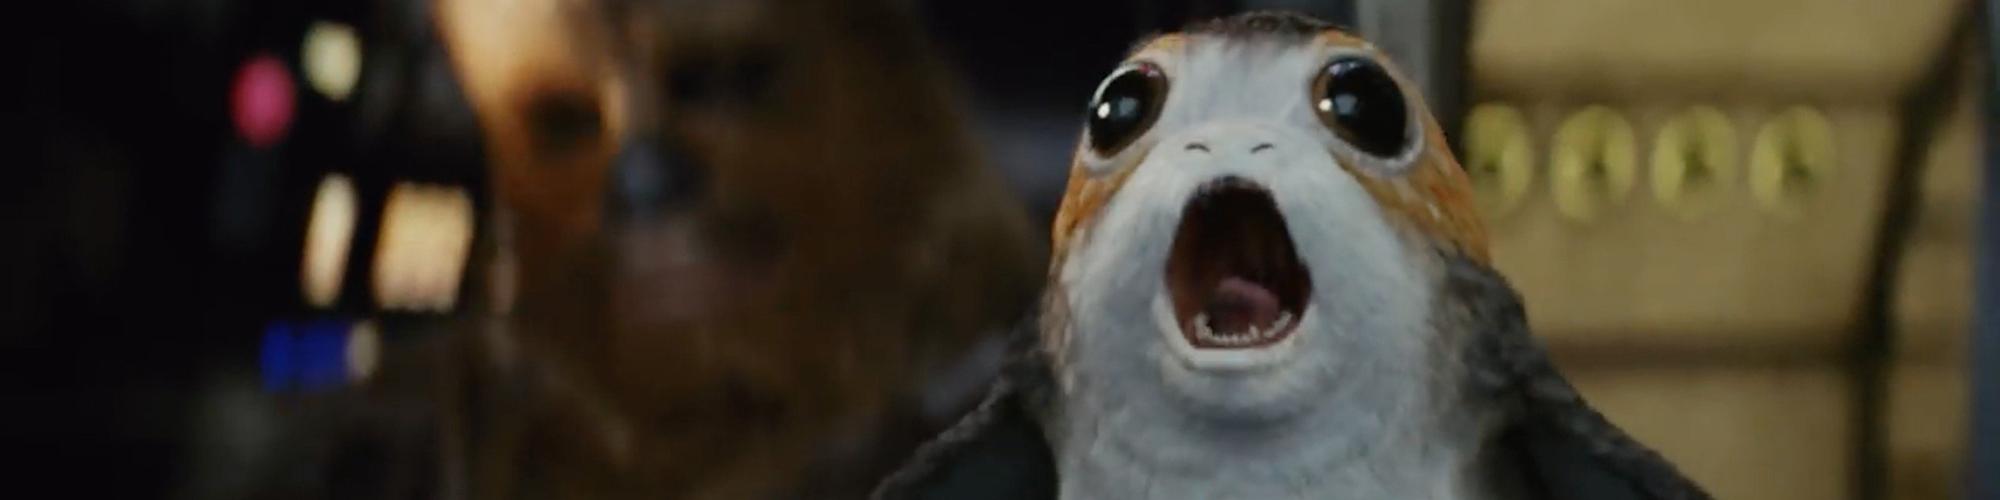 Un Porg dans Star Wars VIII : Les Derniers Jedi